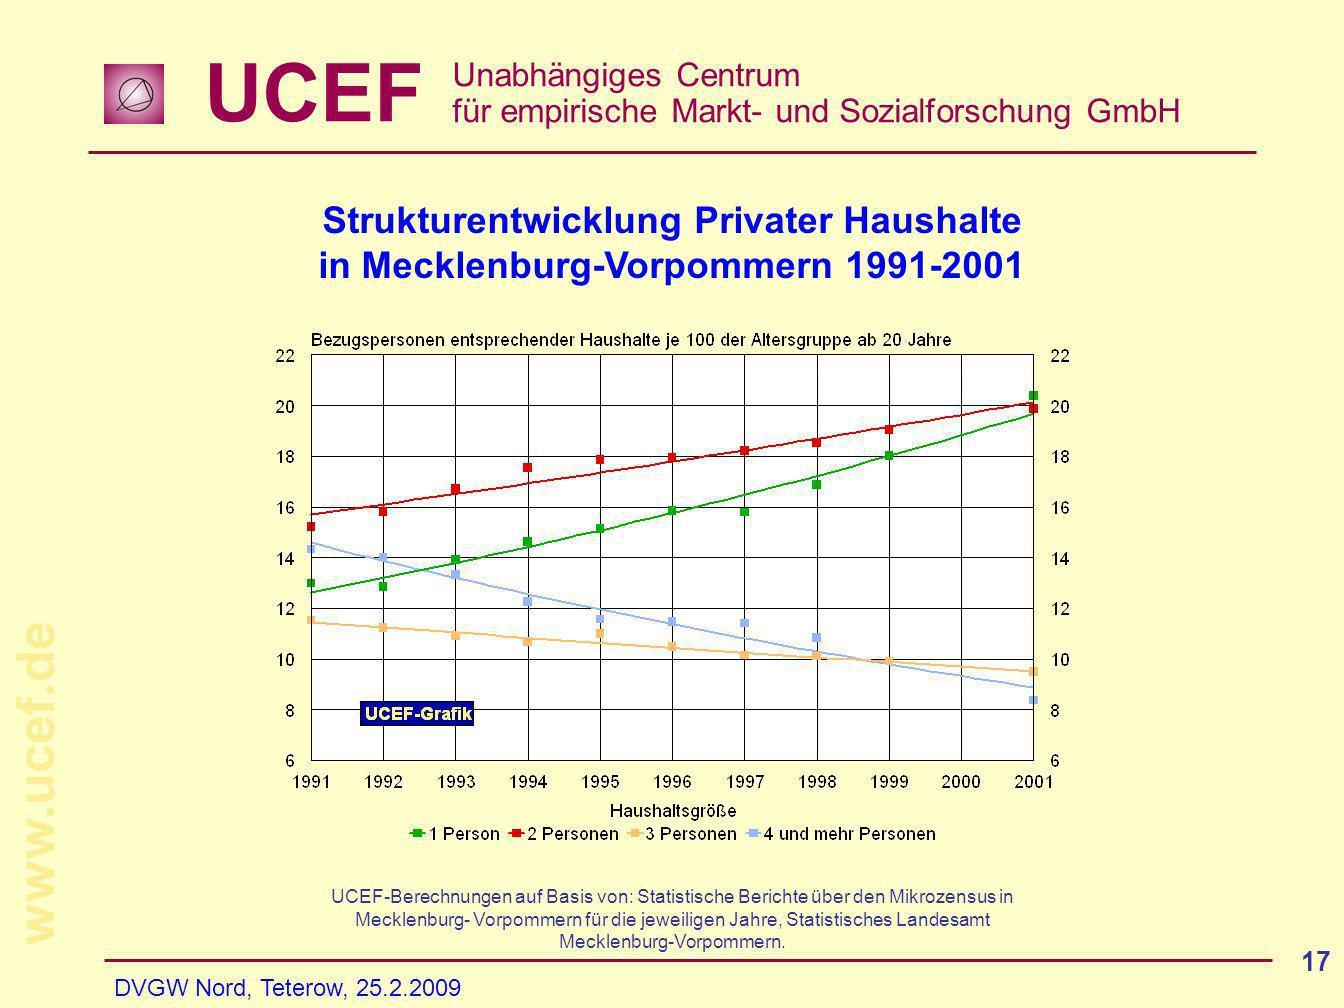 UCEF Unabhängiges Centrum für empirische Markt- und Sozialforschung GmbH www.ucef.de DVGW Nord, Teterow, 25.2.2009 17 Strukturentwicklung Privater Hau